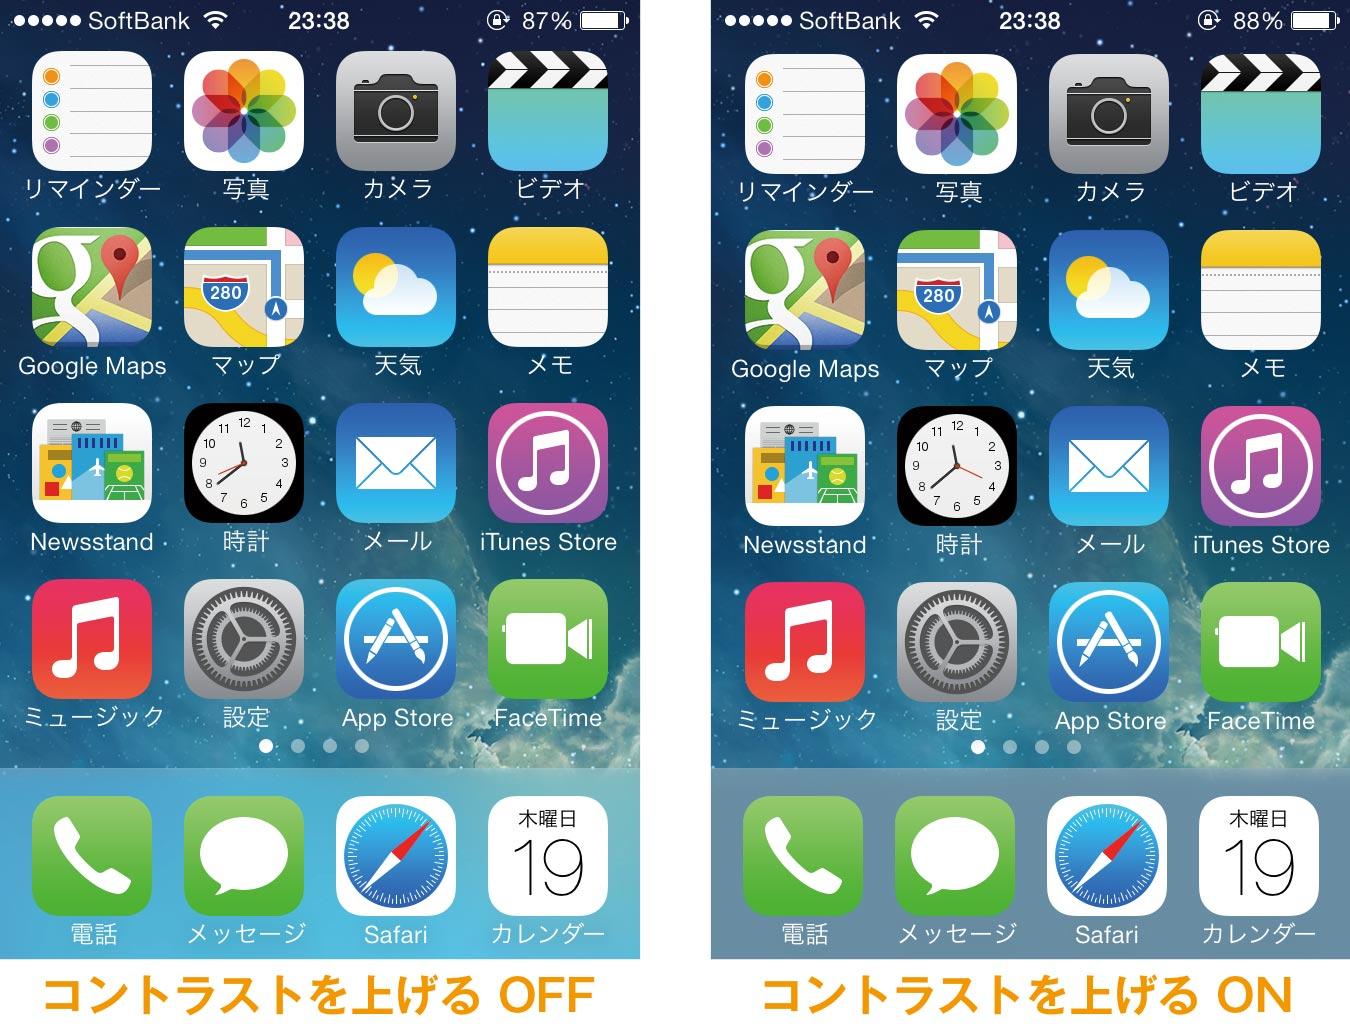 iOS7「コントラストを上げる」をオン ホーム画面